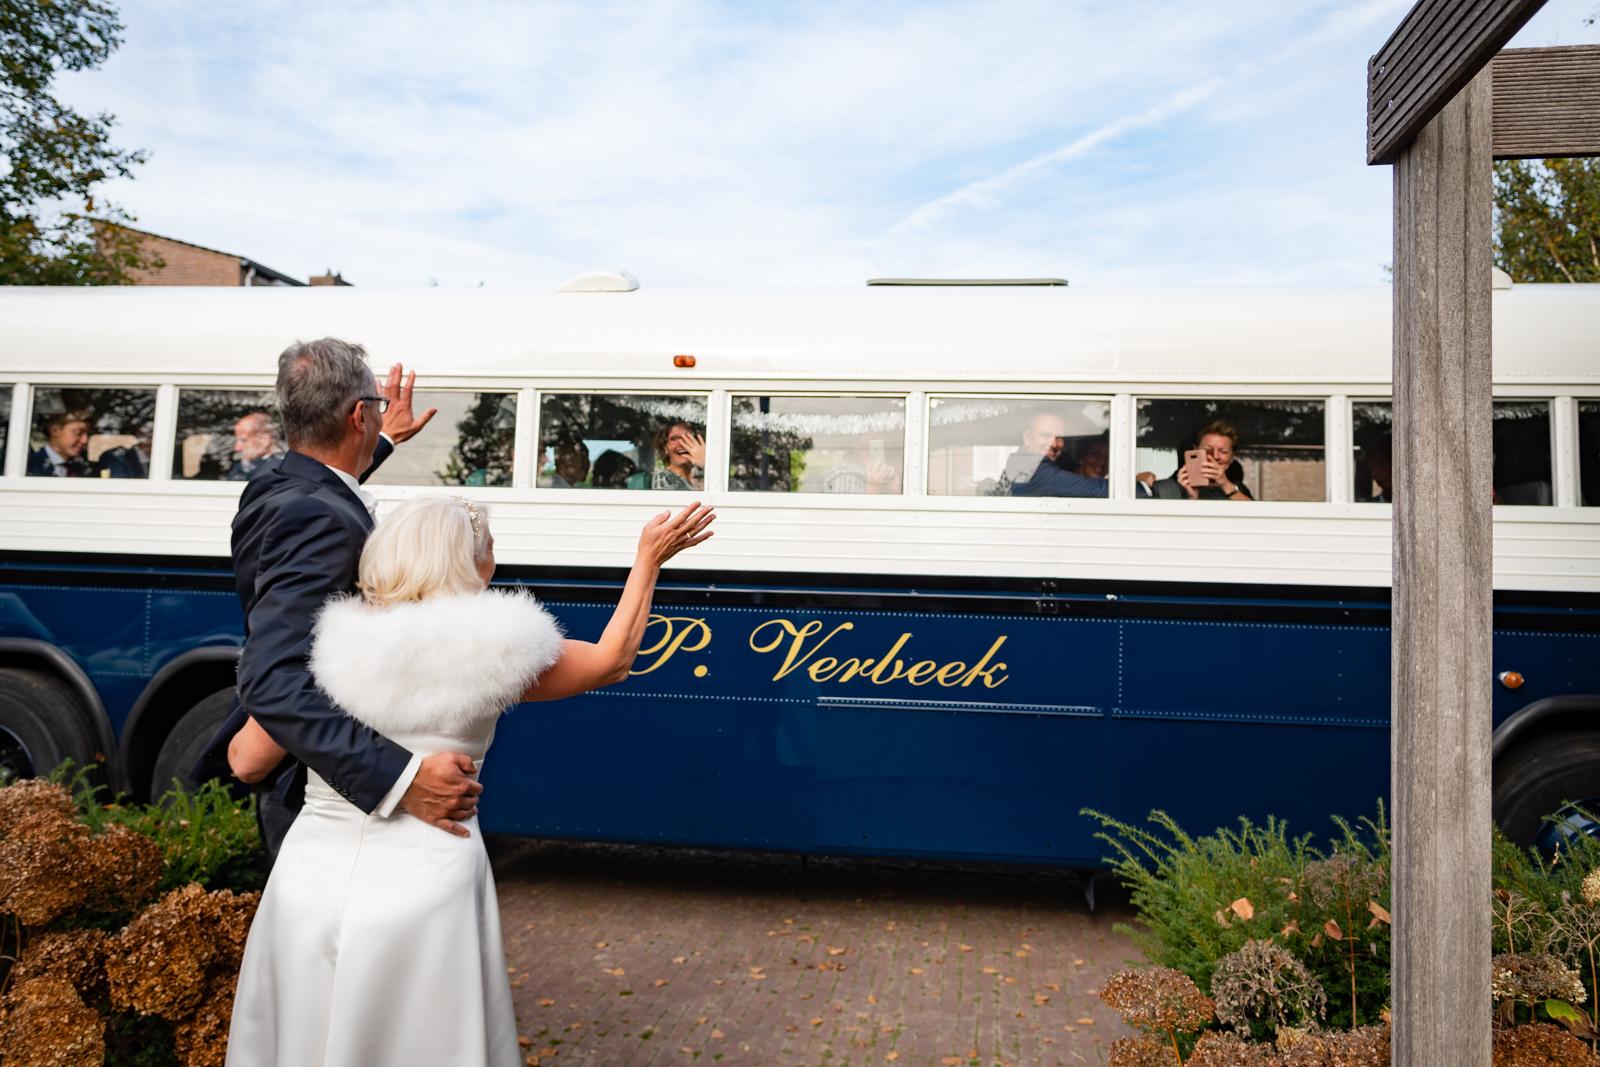 Op het juiste moment op de juiste plaats, veel plezier bij het bruidspaar  tijdens de toespraak.